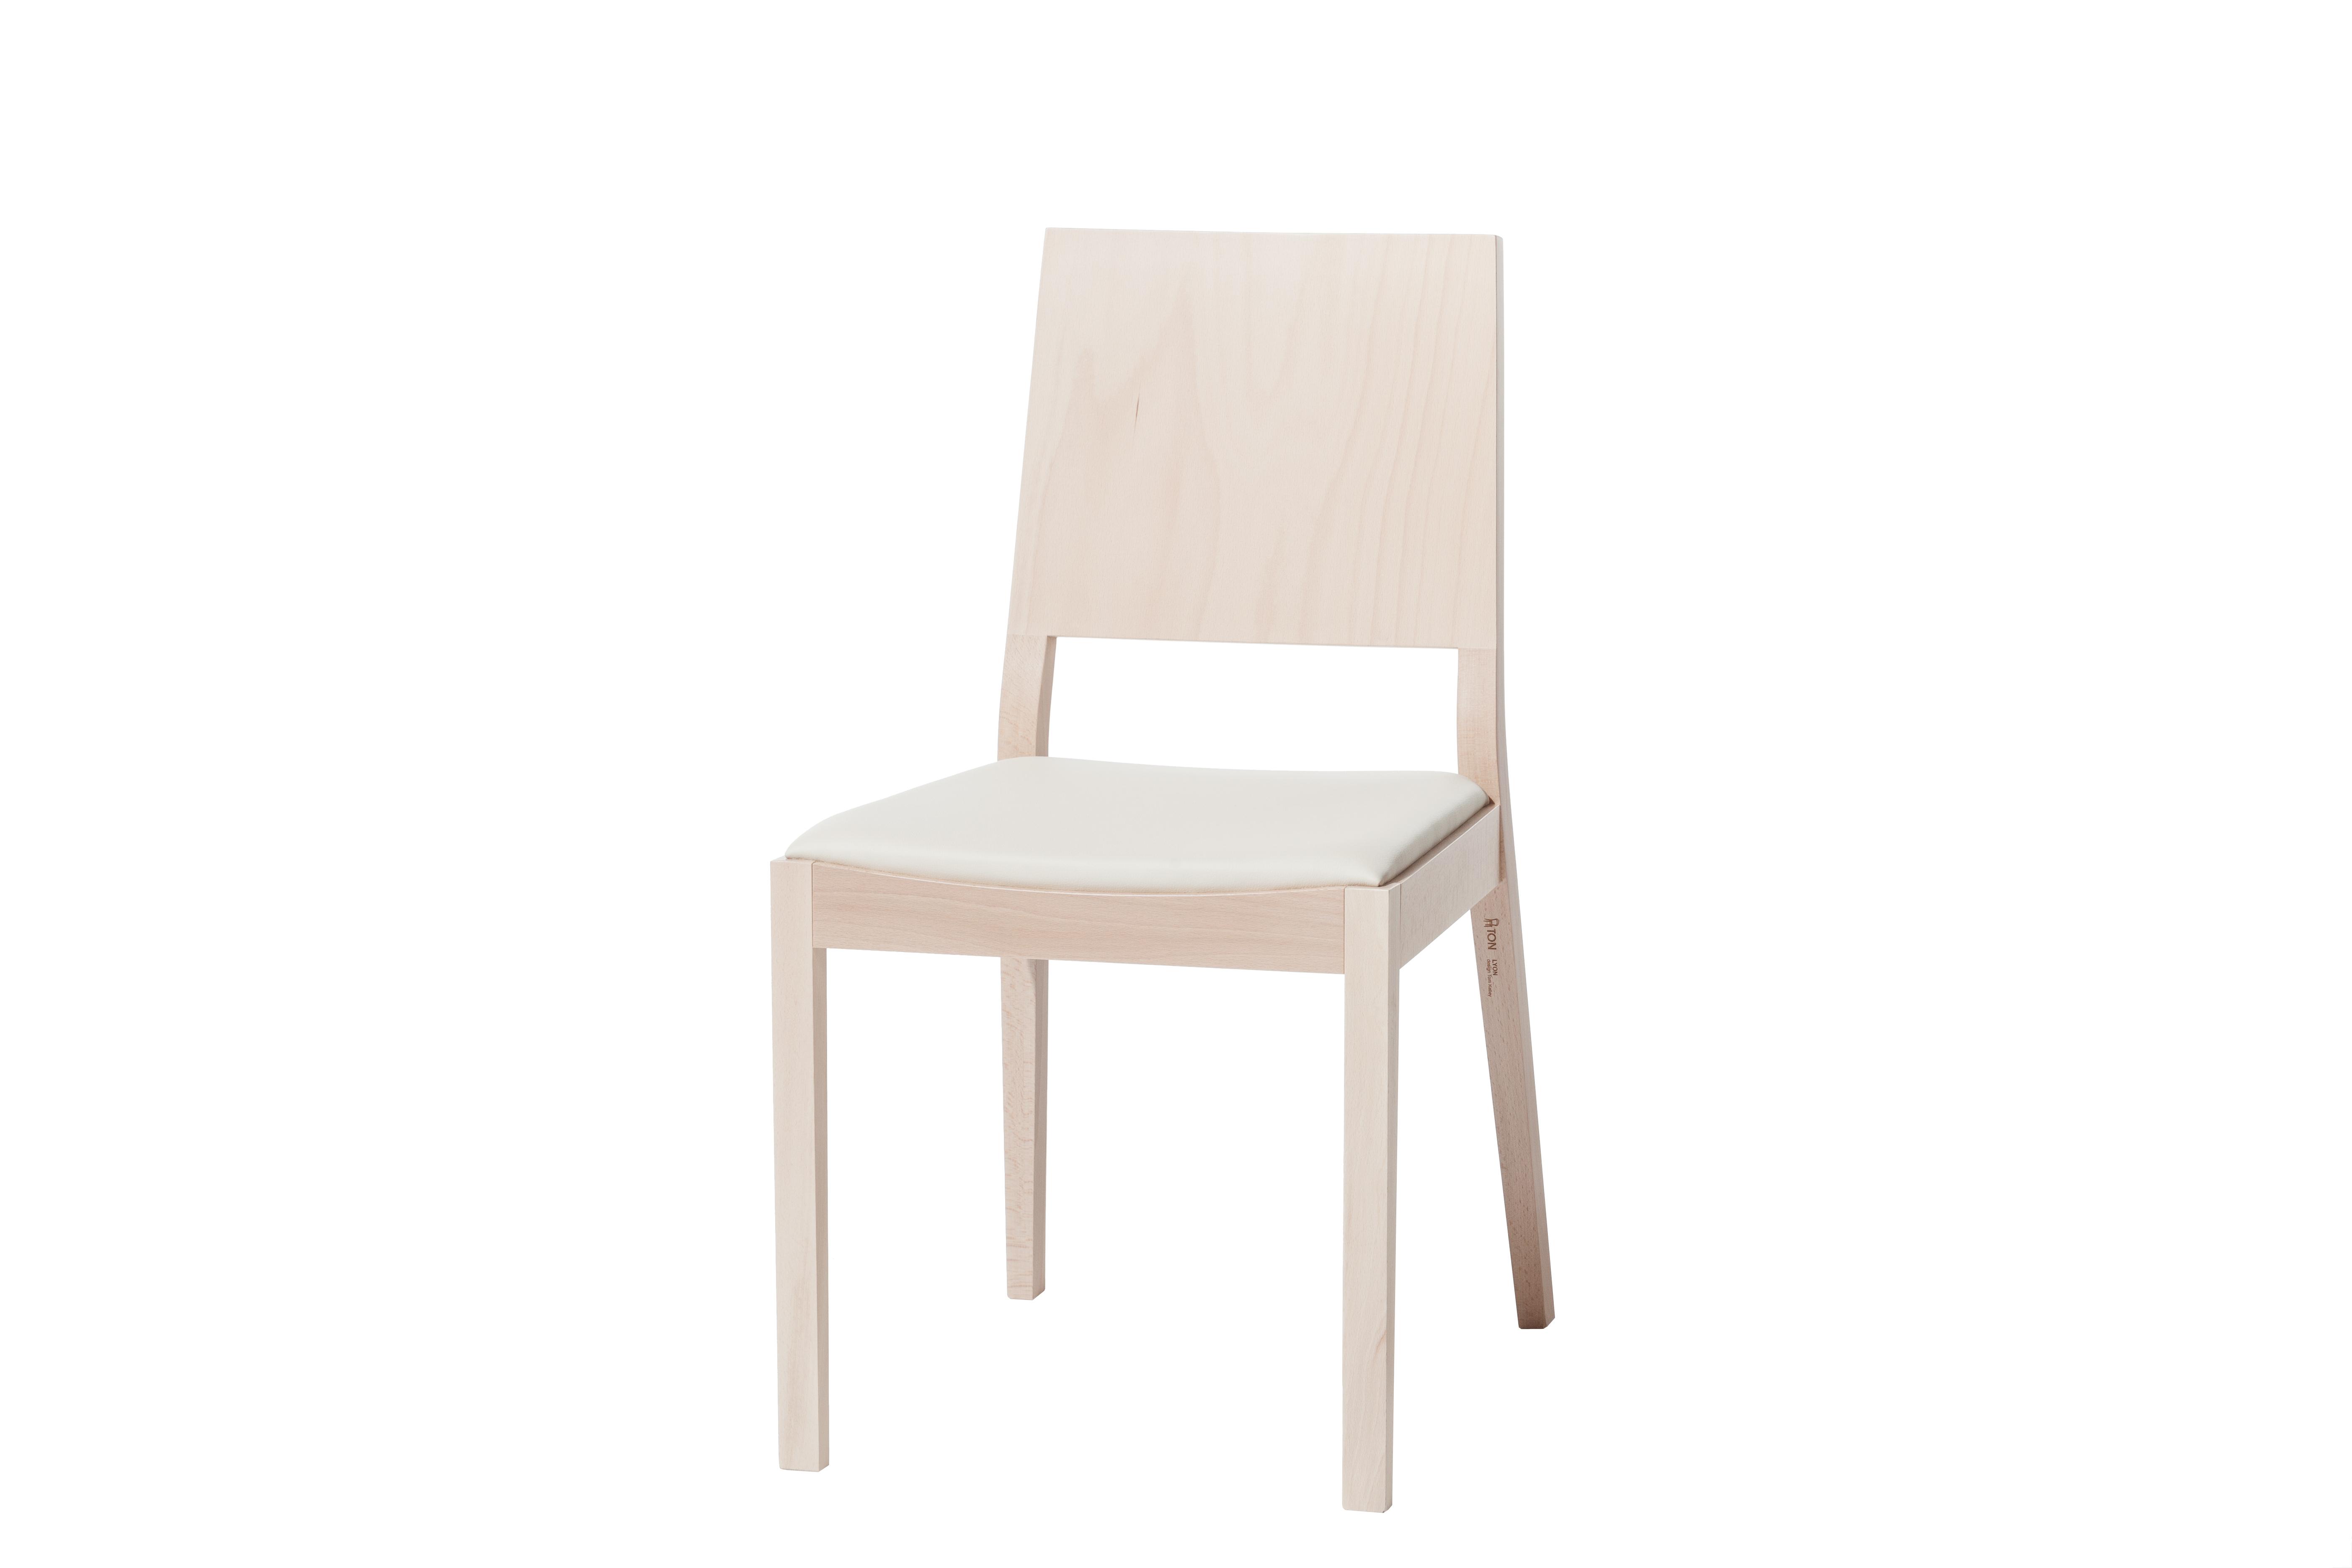 Scaun tapitat din lemn de fag Lyon Natural 514